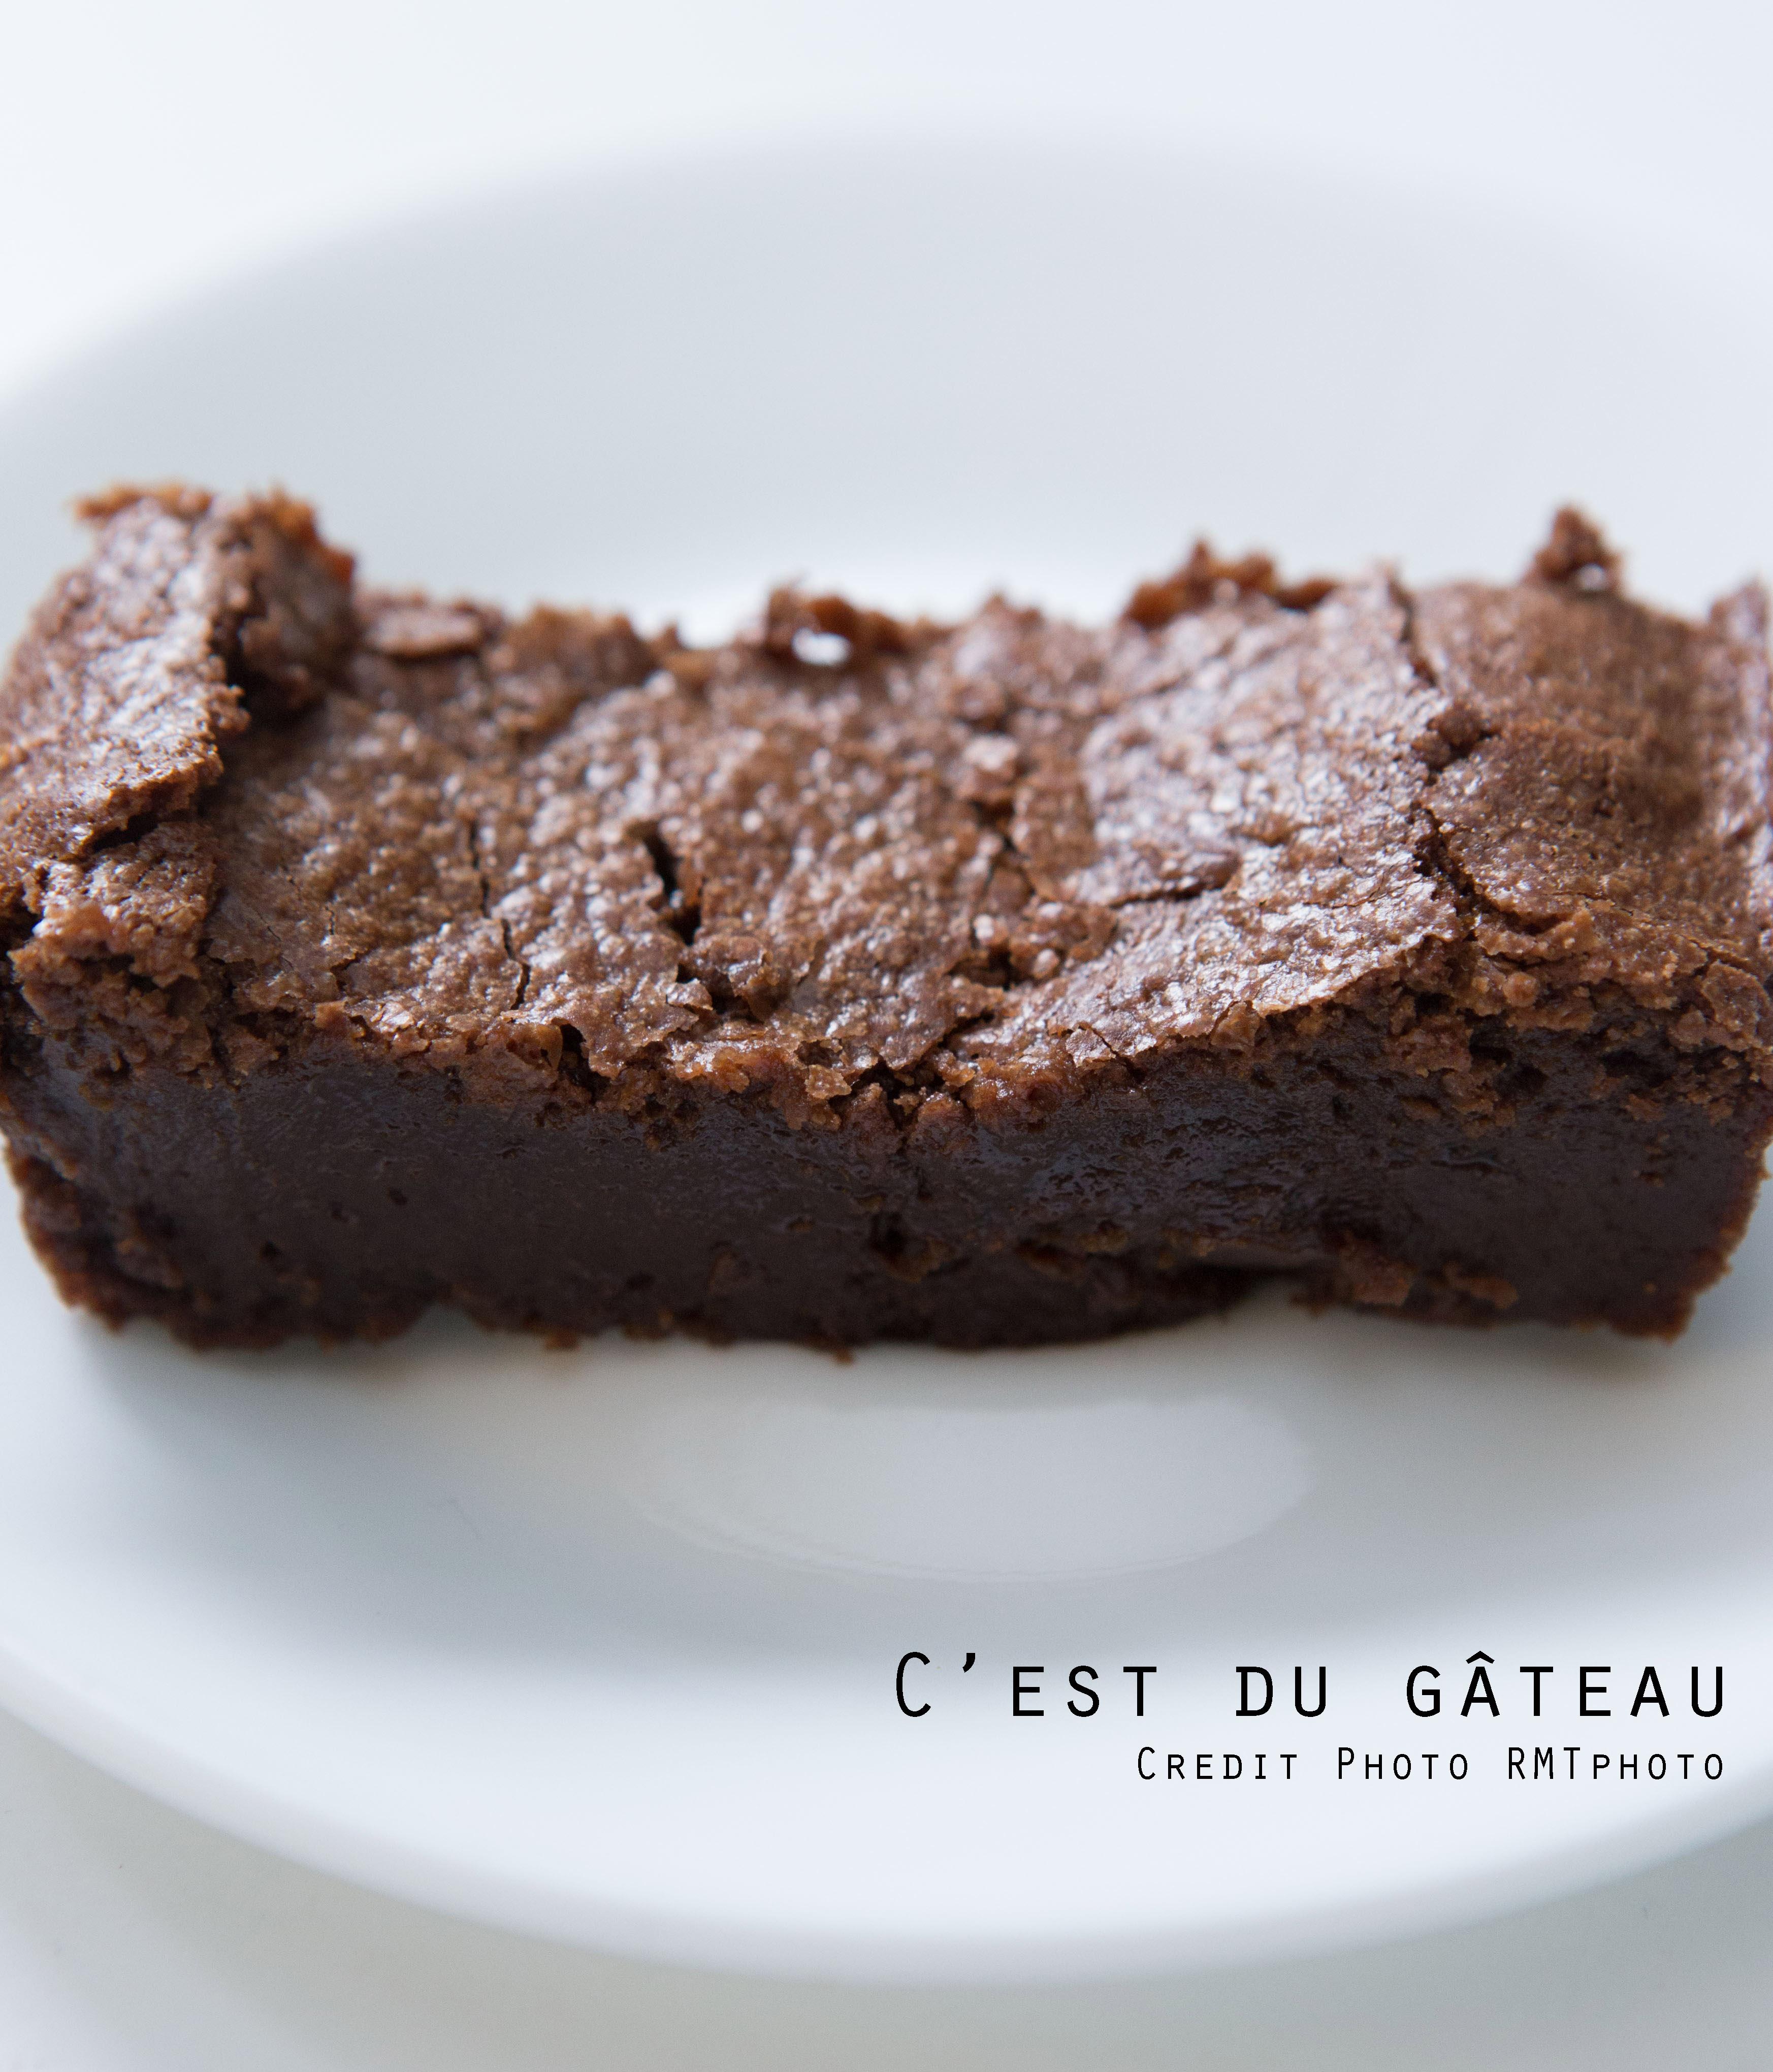 Recette Gateau Chocolat Fondant Top Fondant Au Chocolat De Philippe